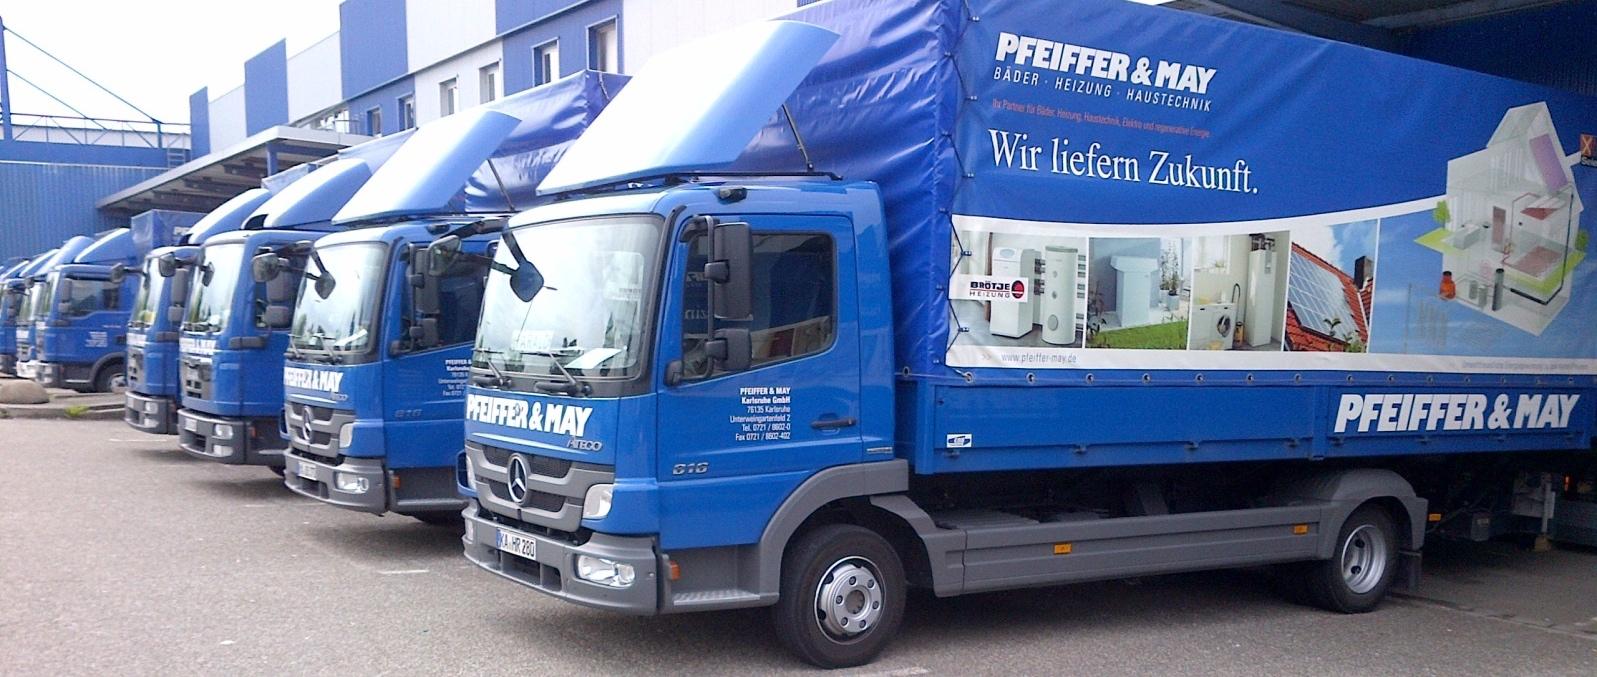 Pfeiffer Und May